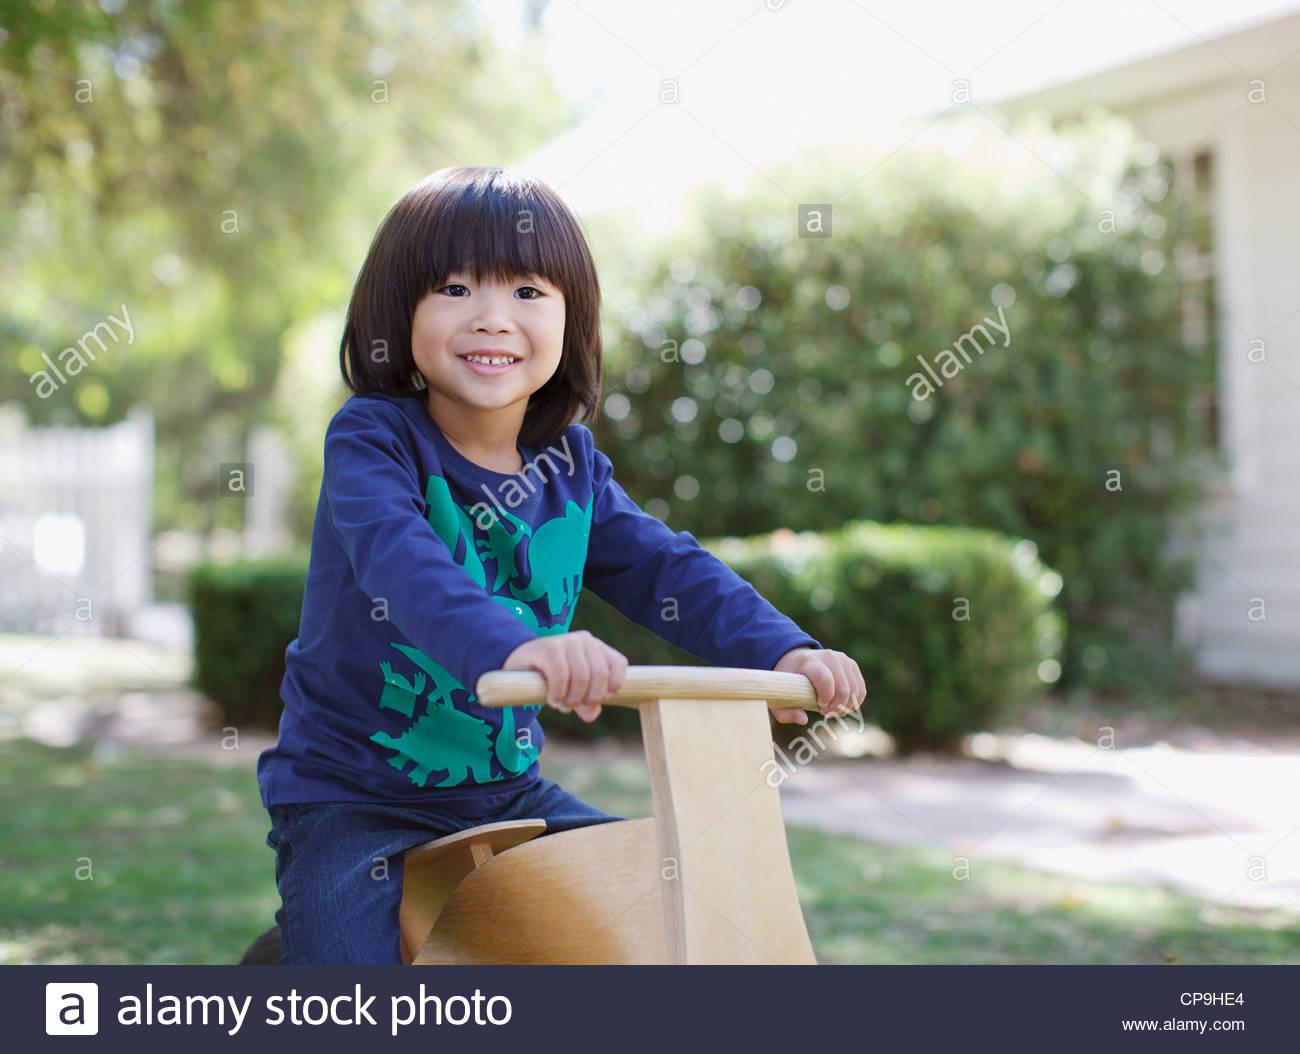 4-5 Jahre, aktiv, Asiate, Hinterhof, junge, Jungs, Kalifornien, Freizeitkleidung, Kindheit, Farbbild, Tag, elementare Stockbild